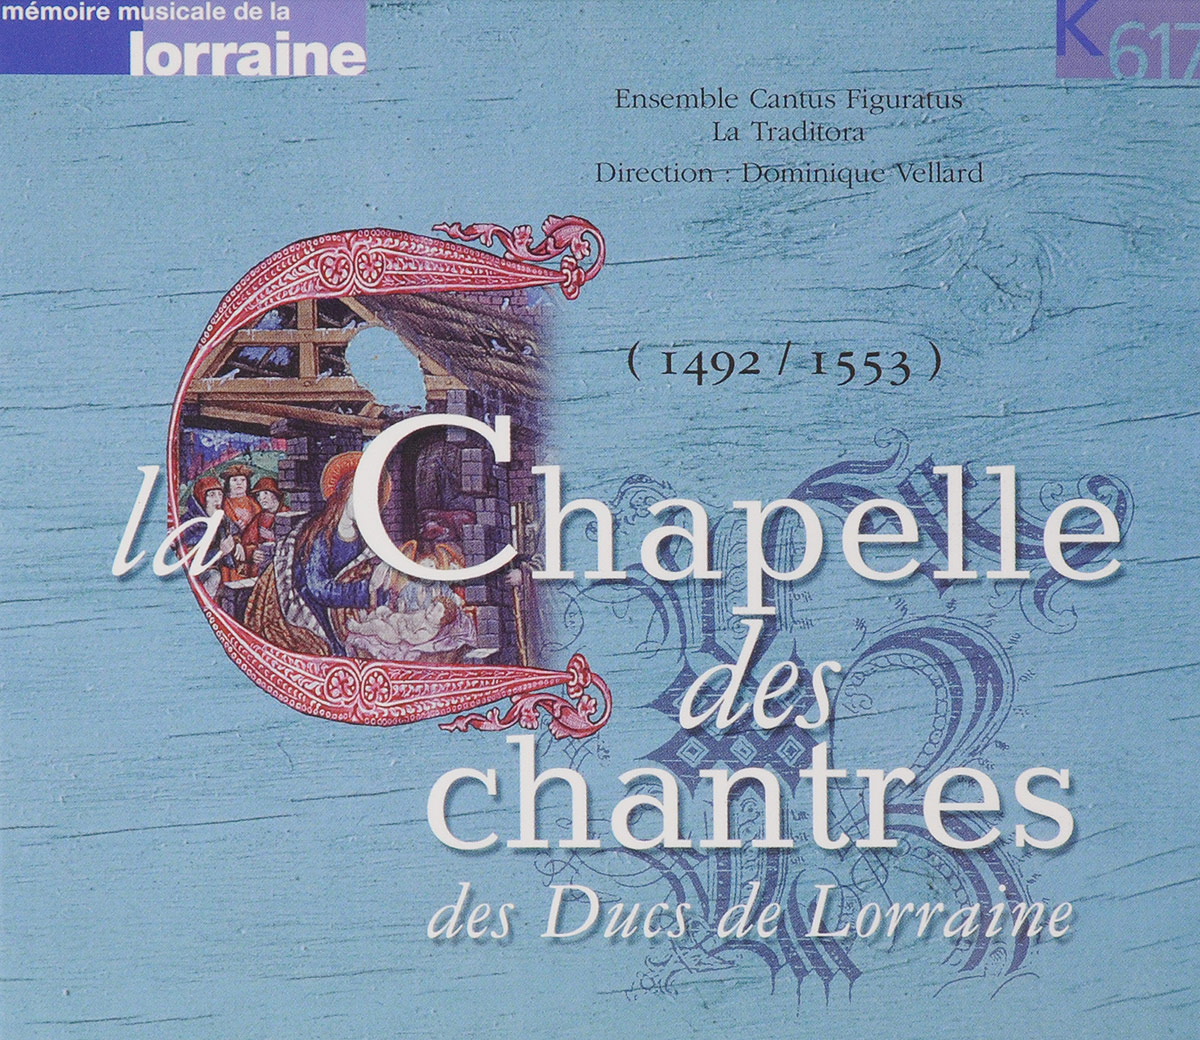 VARIOUS. LES CHANTRES DES DUCS DE LORRAINE. 1